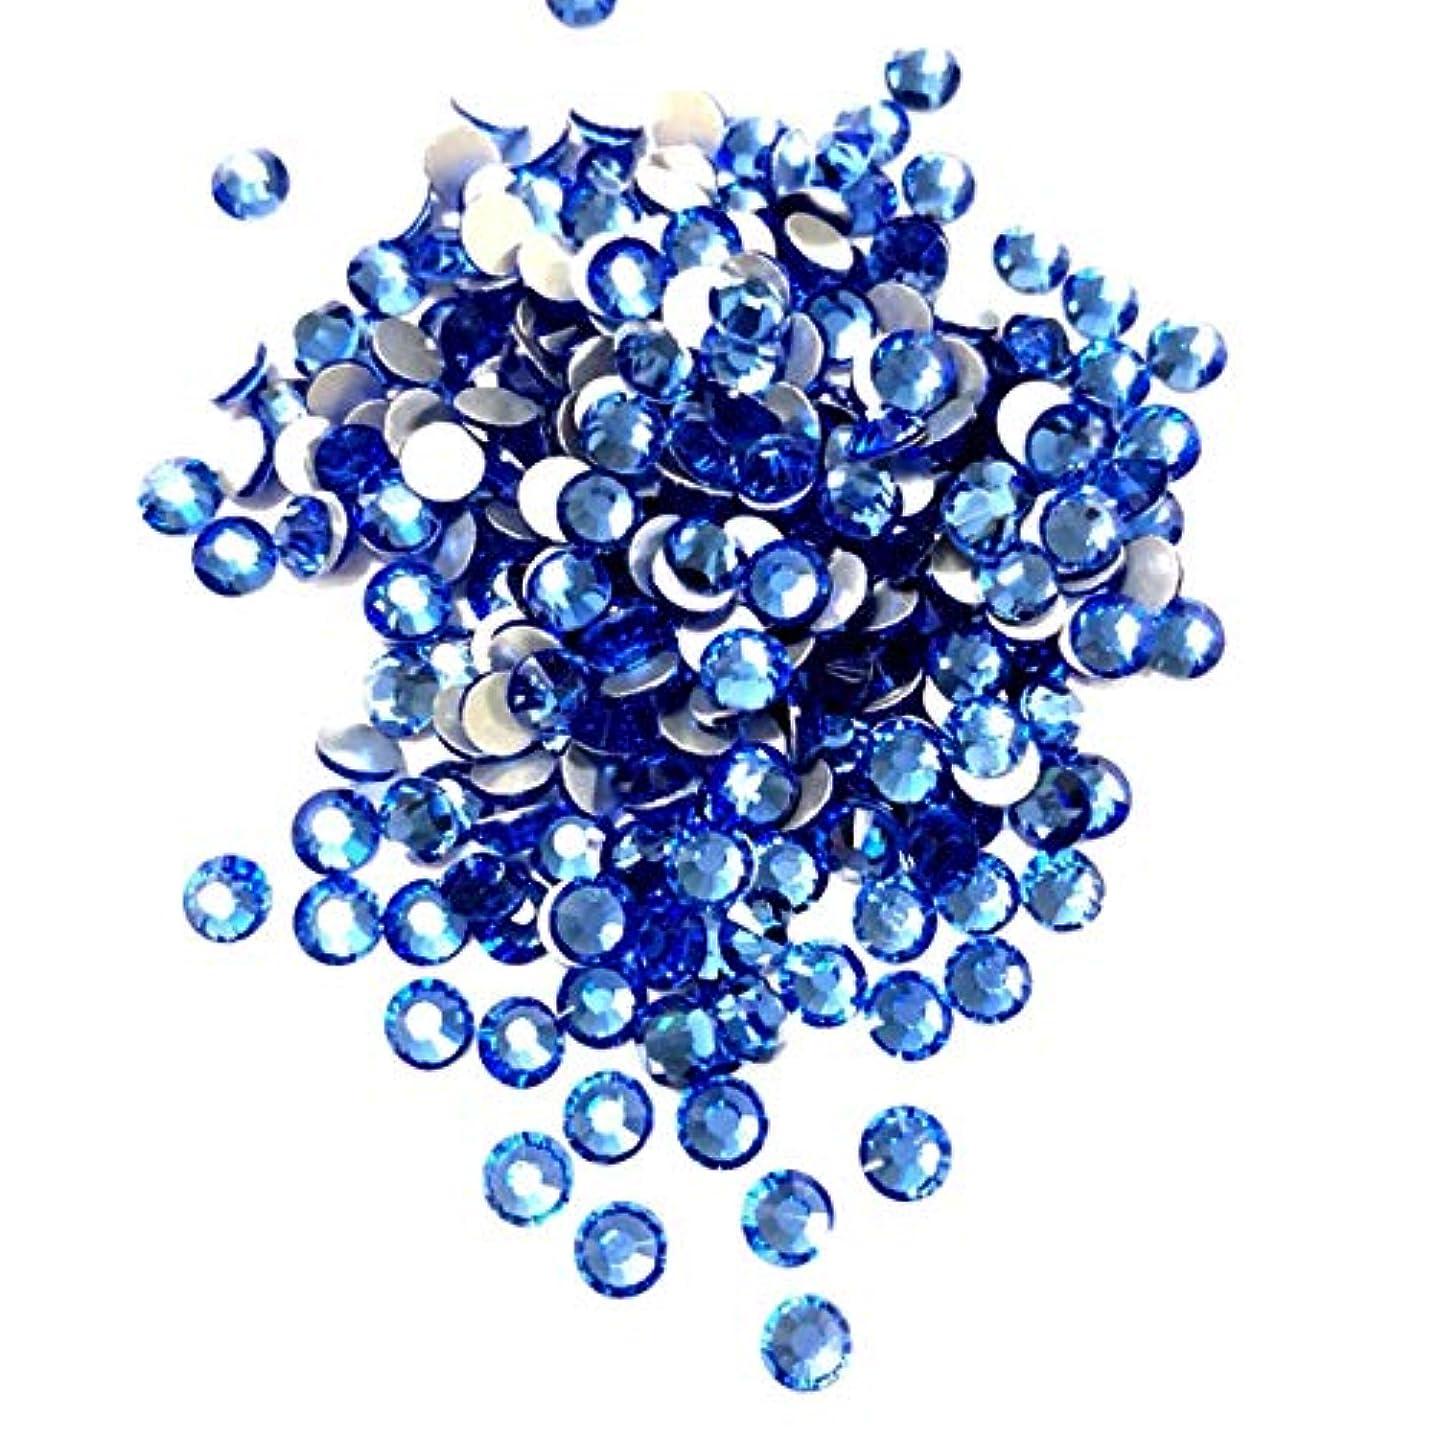 ランクホスト村【ネイルウーマン】最高品質ガラスストーン!スワロ同等の輝き! ライトサファイア ブルー 水色 (約100粒入り) (ライトサファイア) (SS5, ライトサファイア)